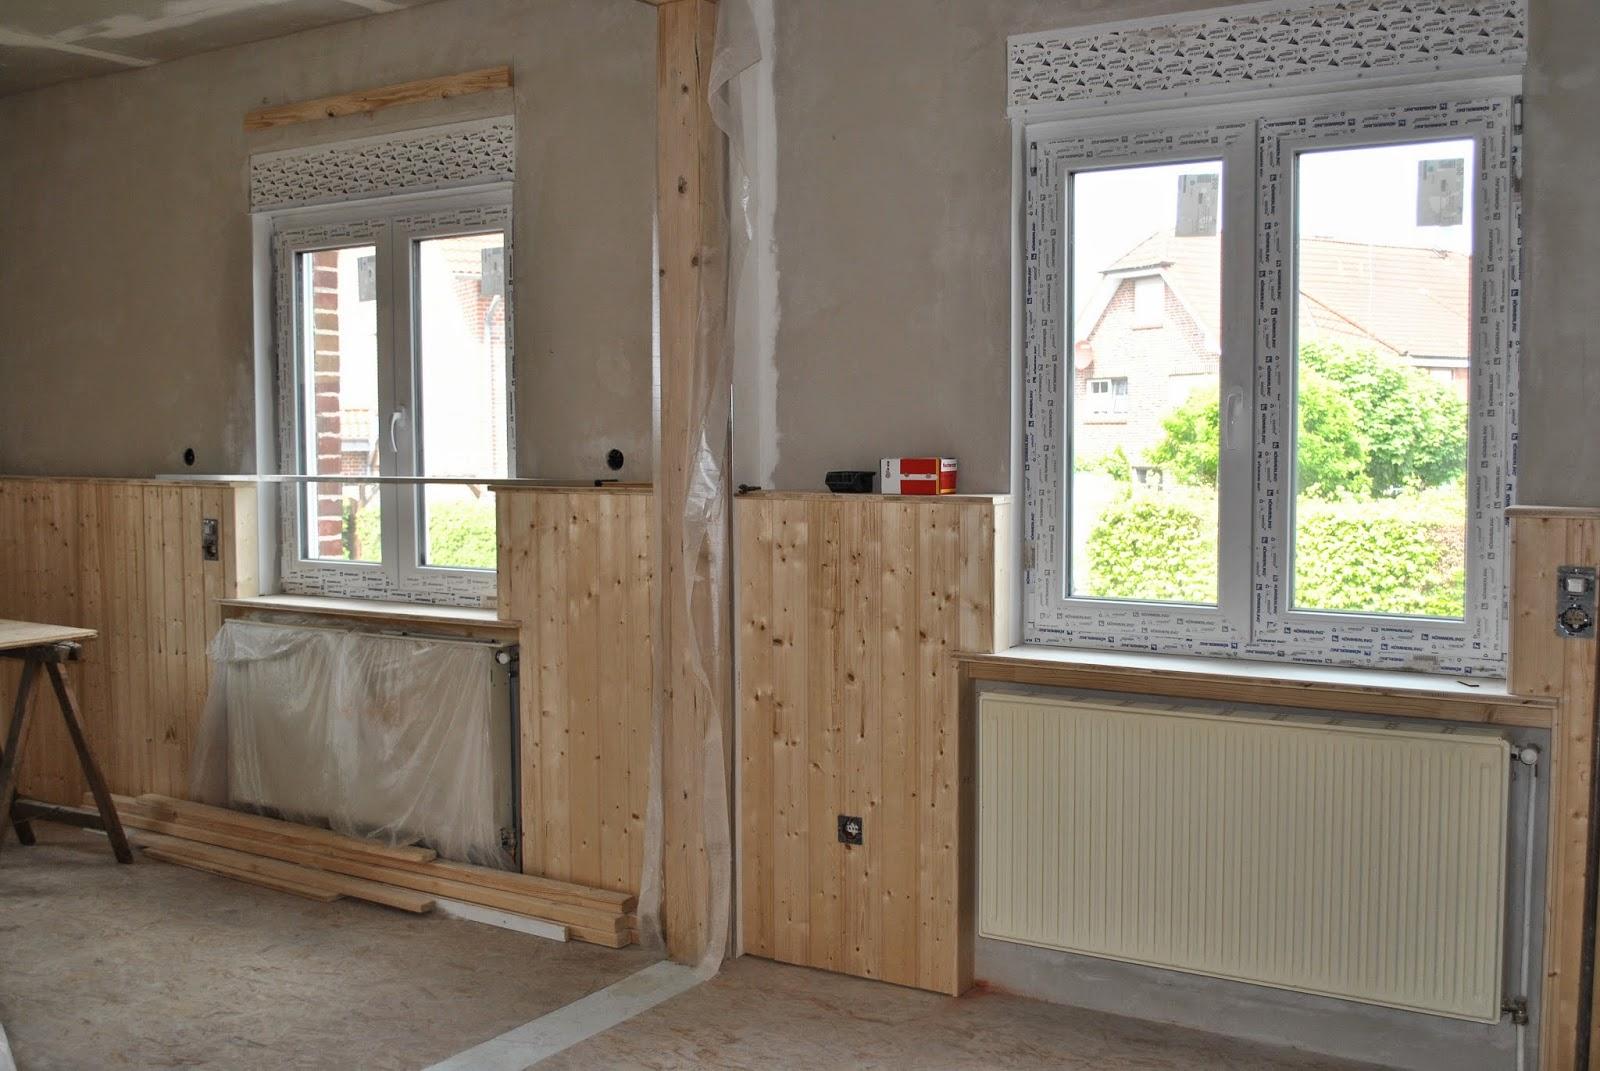 Wand Halbhoch Verkleiden Wand Verkleiden Mit Holz Wand Mit Holz